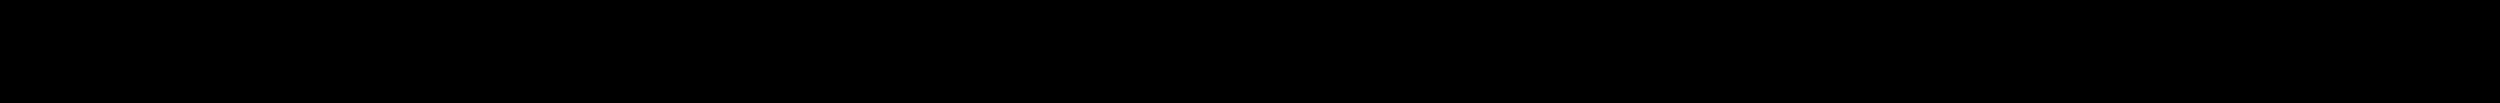 Mandala-Line-40.png